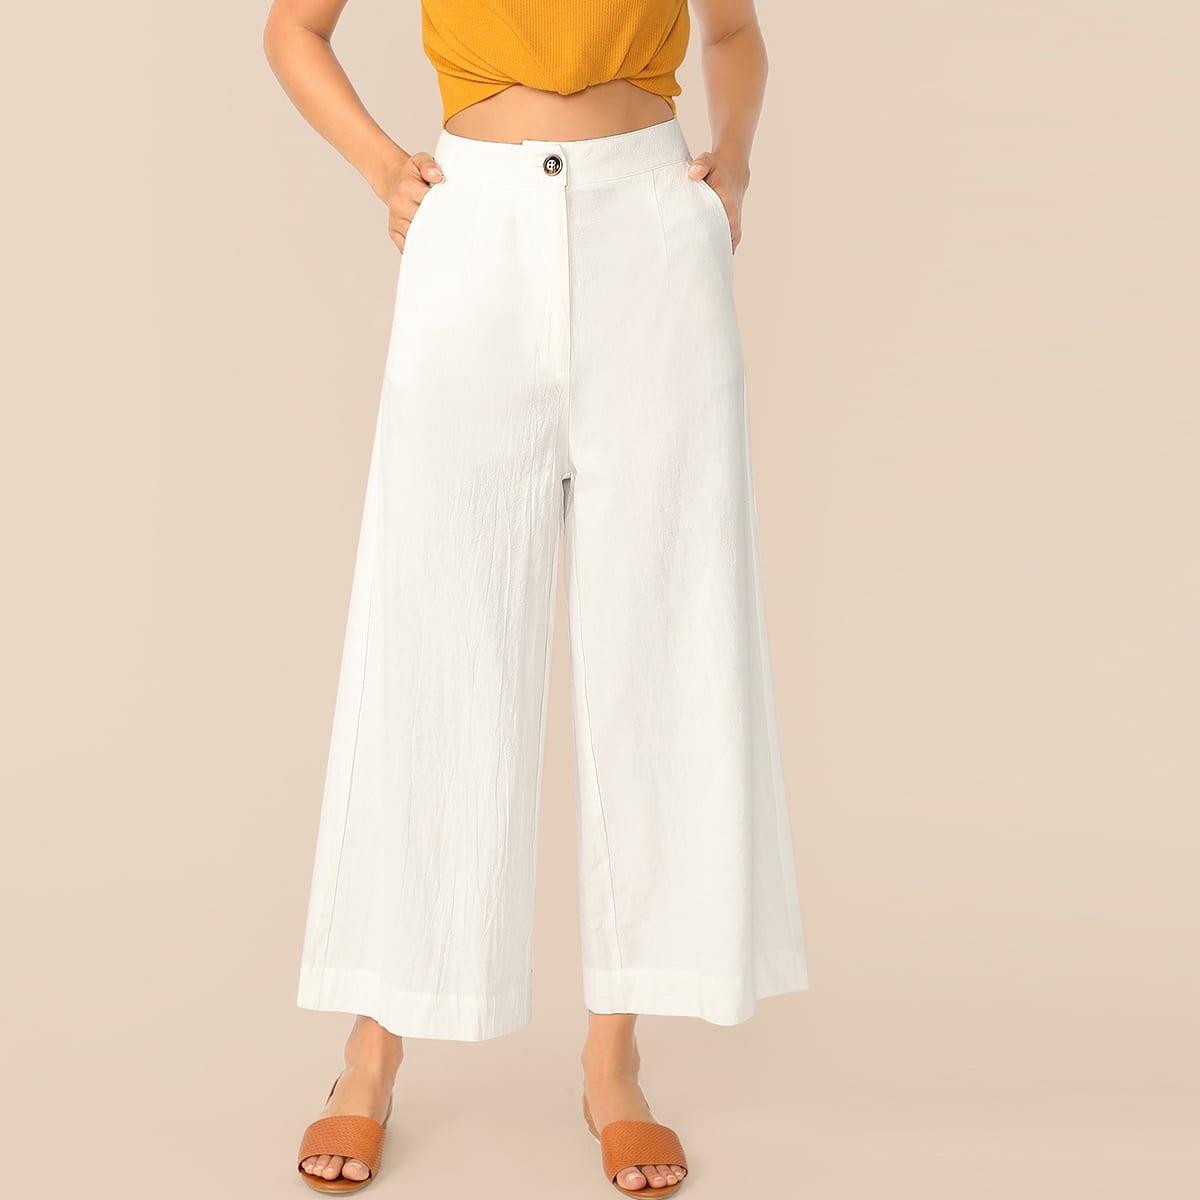 SHEIN Hose mit Knöpfen vorn und breitem Beinschnitt